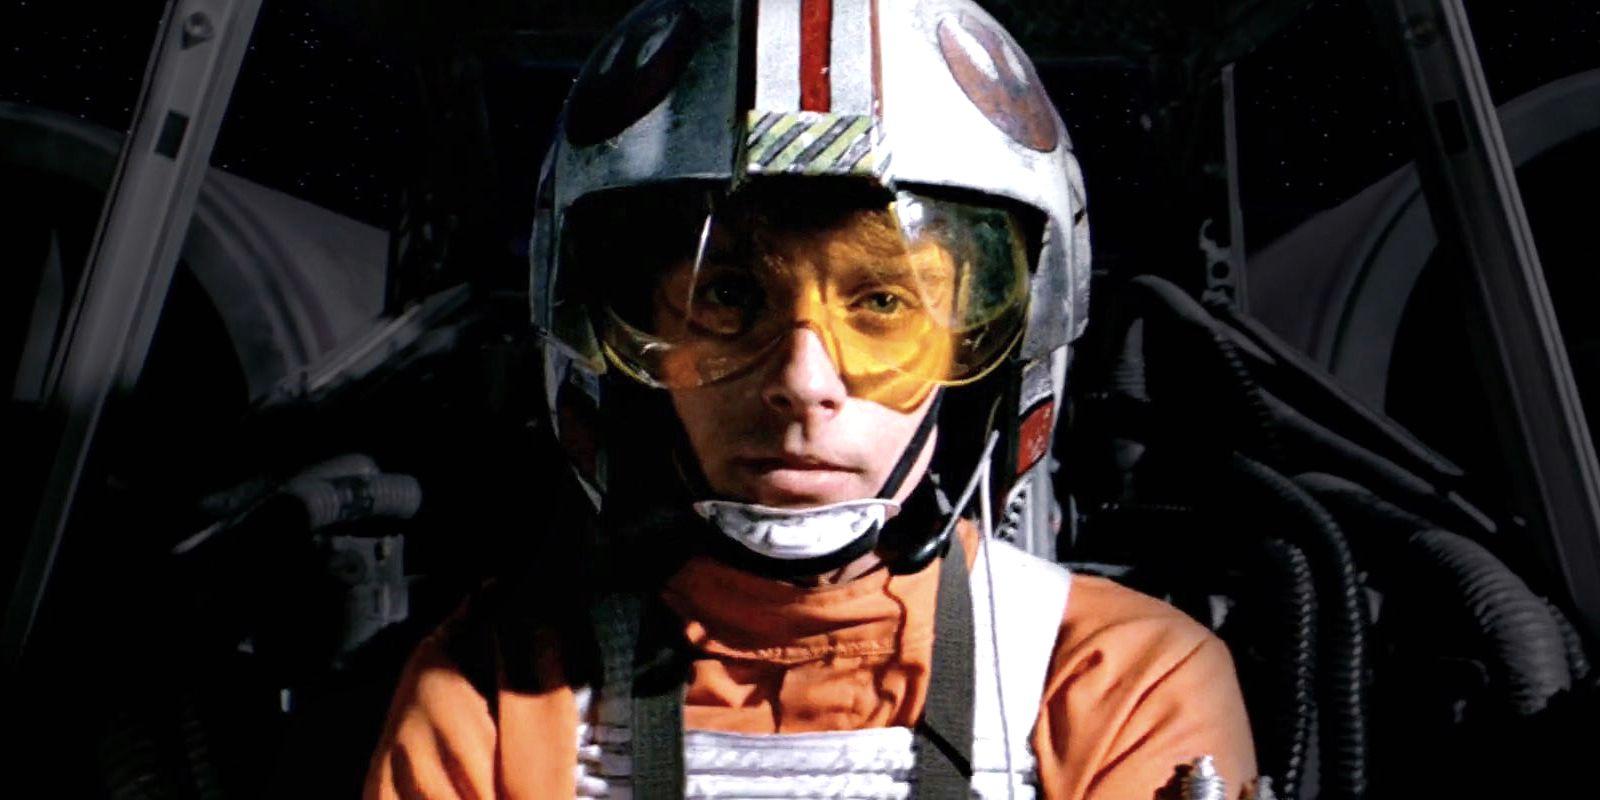 Luke Skywalker in Star Wars A New Hope